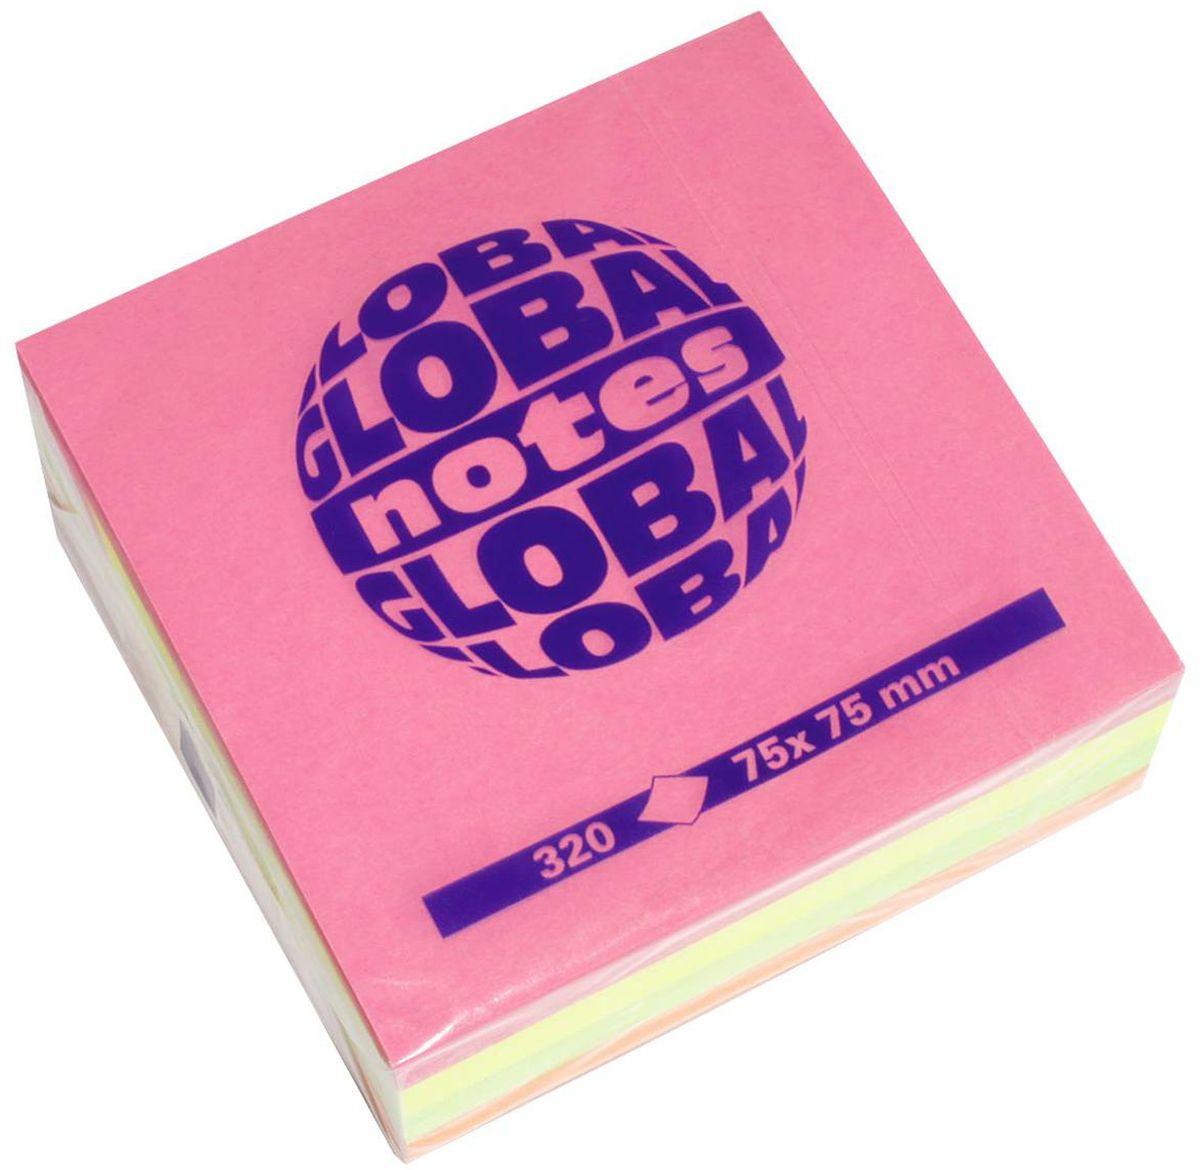 Global Notes Бумага для заметок с липким слоем 7,5 х 7,5 см 320 листов berlingo бумага для заметок c клеевым краем 7 6 х 7 6 см цвет зеленый 100 листов